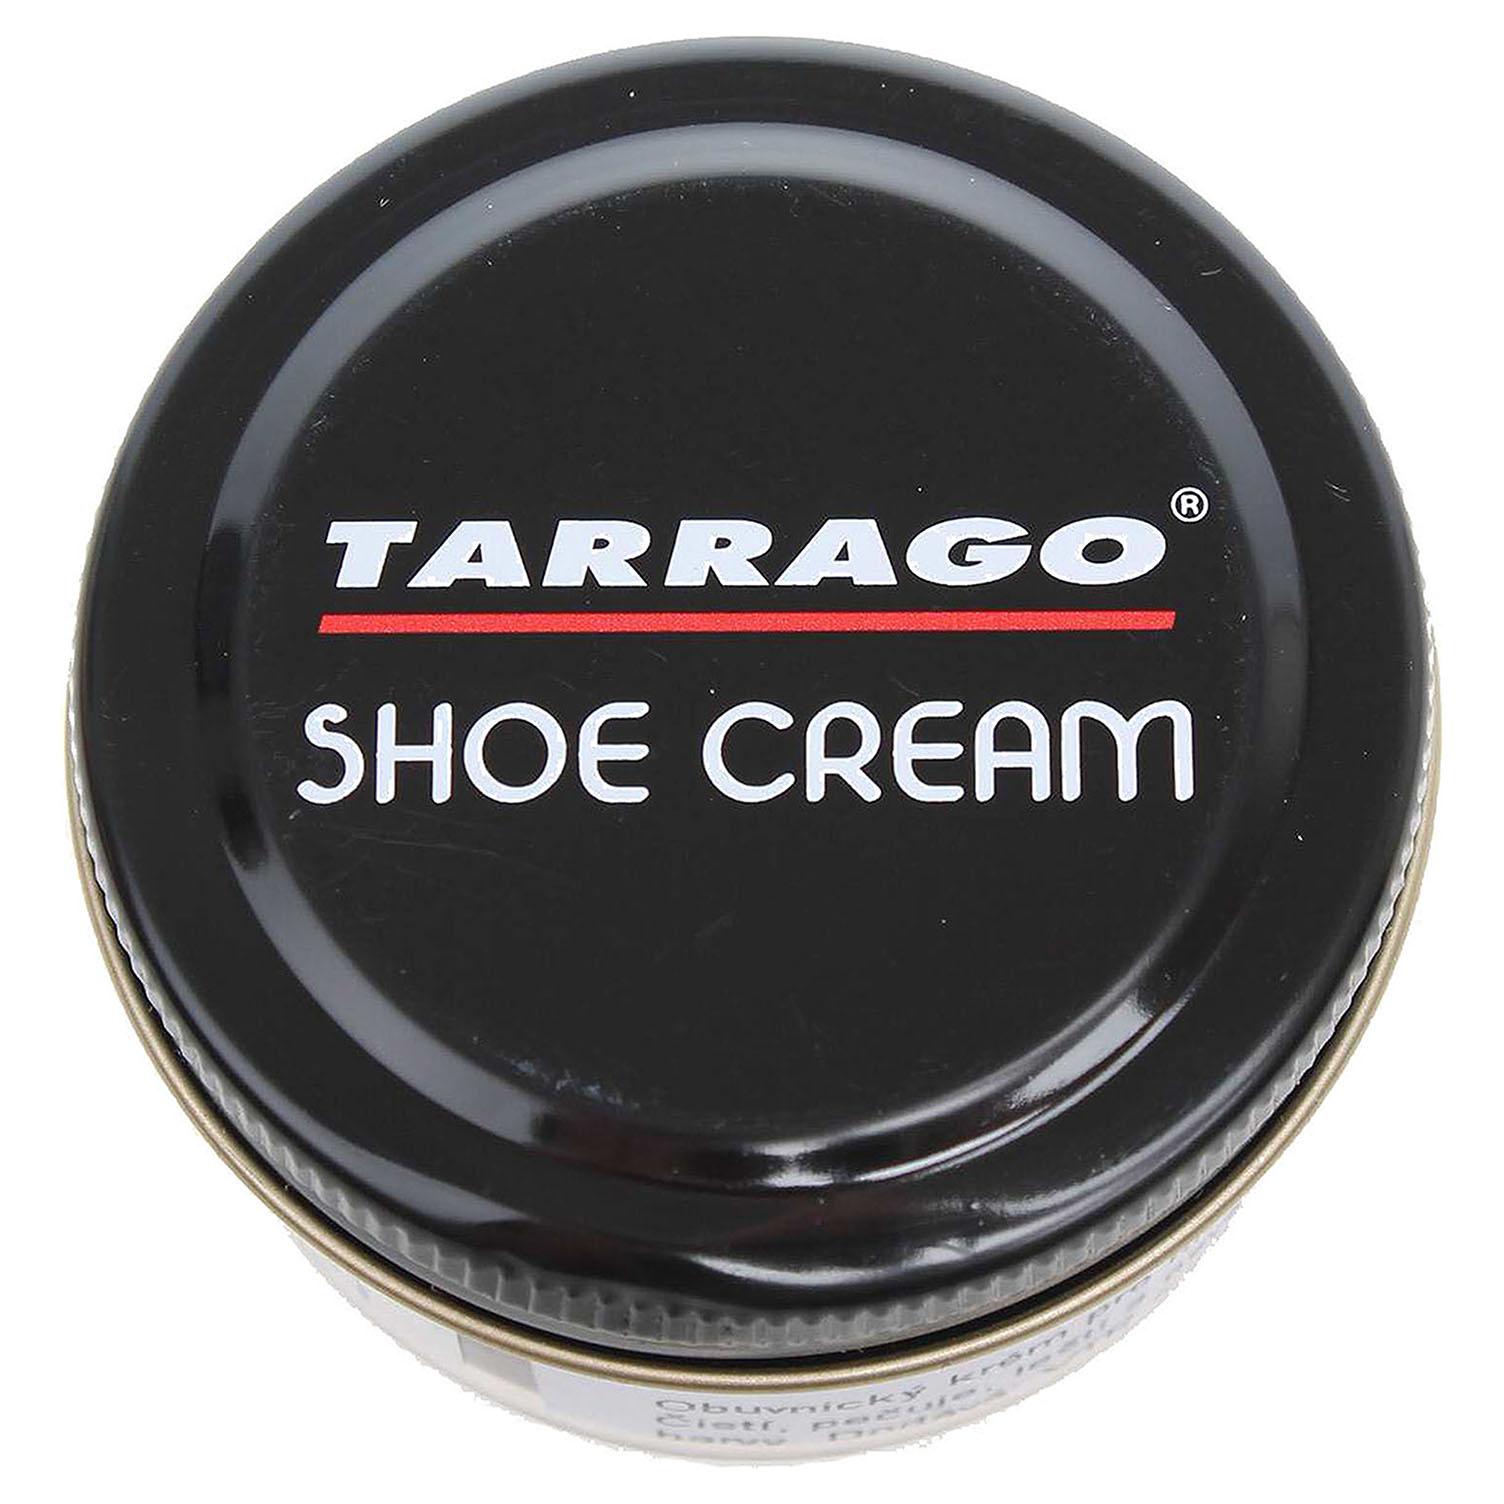 Ecco Tarrago krém na obuv hnědý 12601546